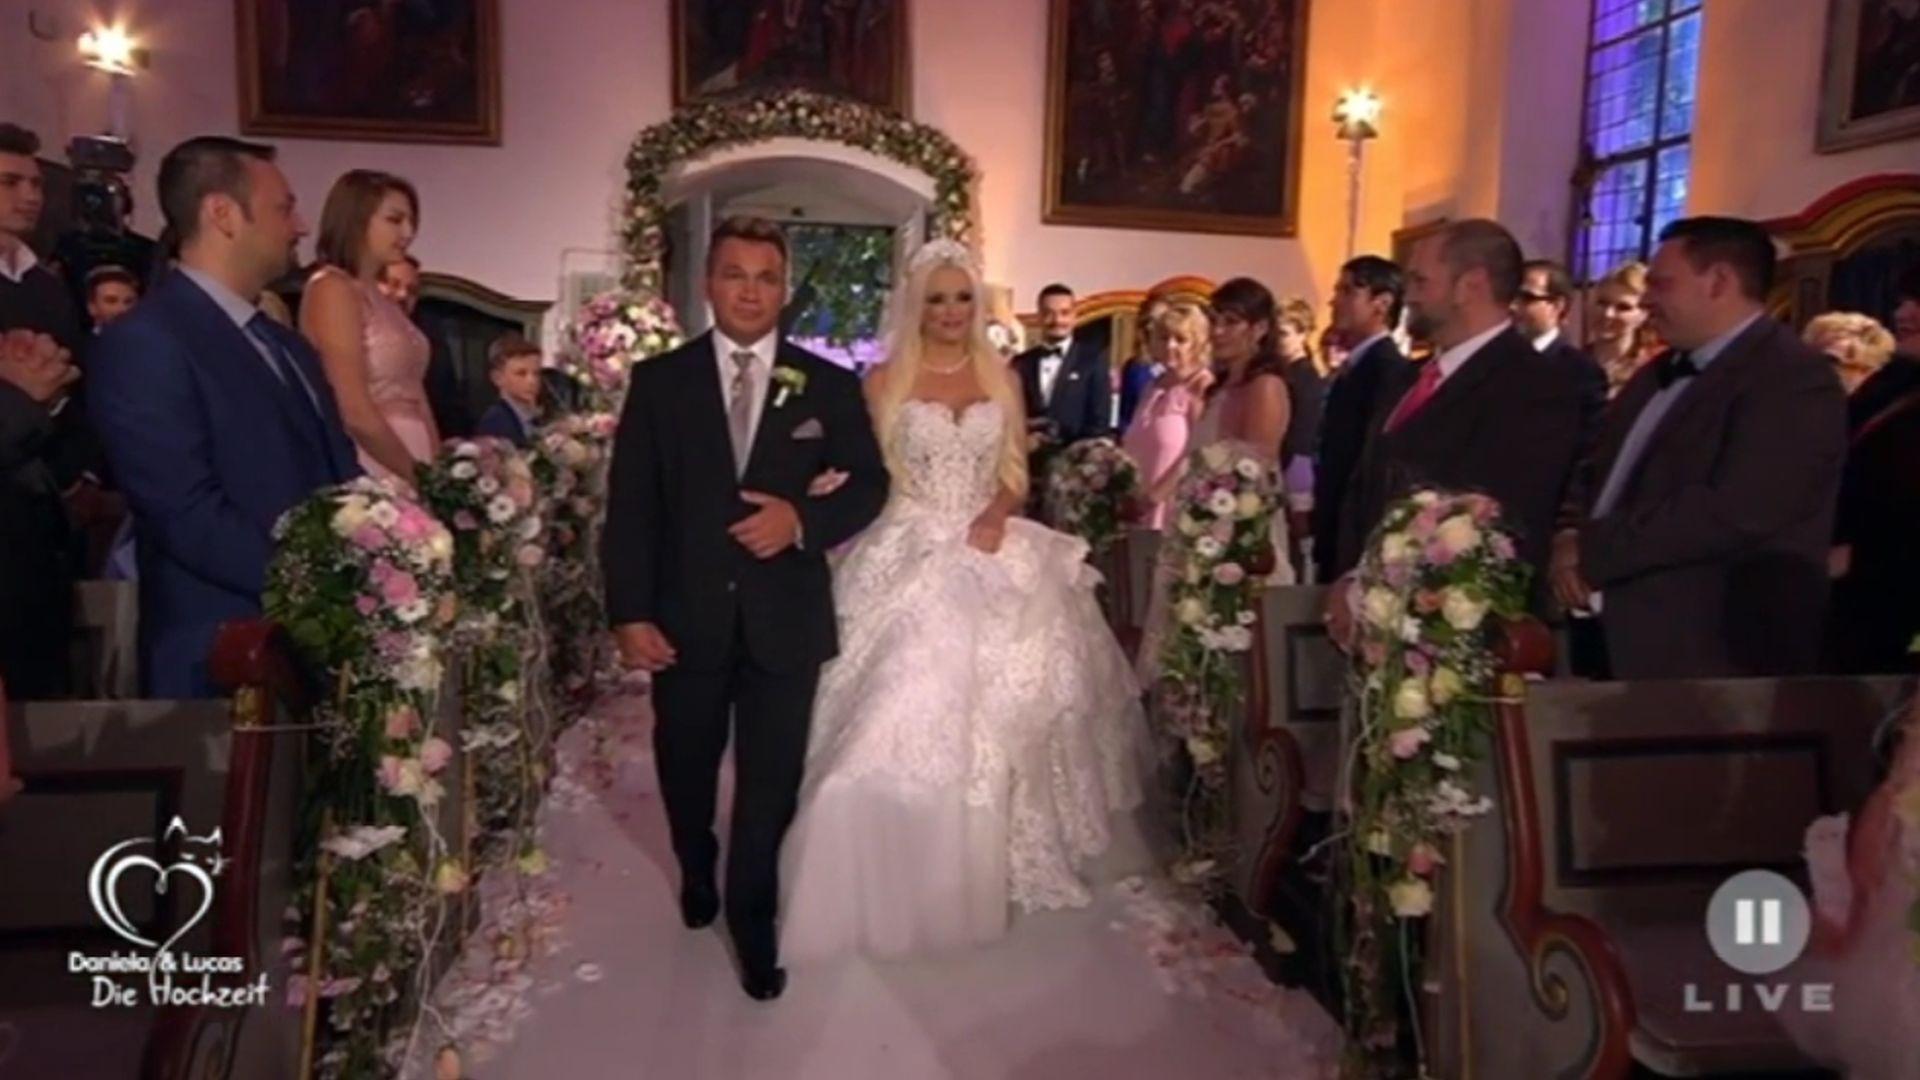 Hochzeit Daniela Und Lucas Wiederholung  Mit Peter Klein Hier schreitet Dani Katzenberger zum